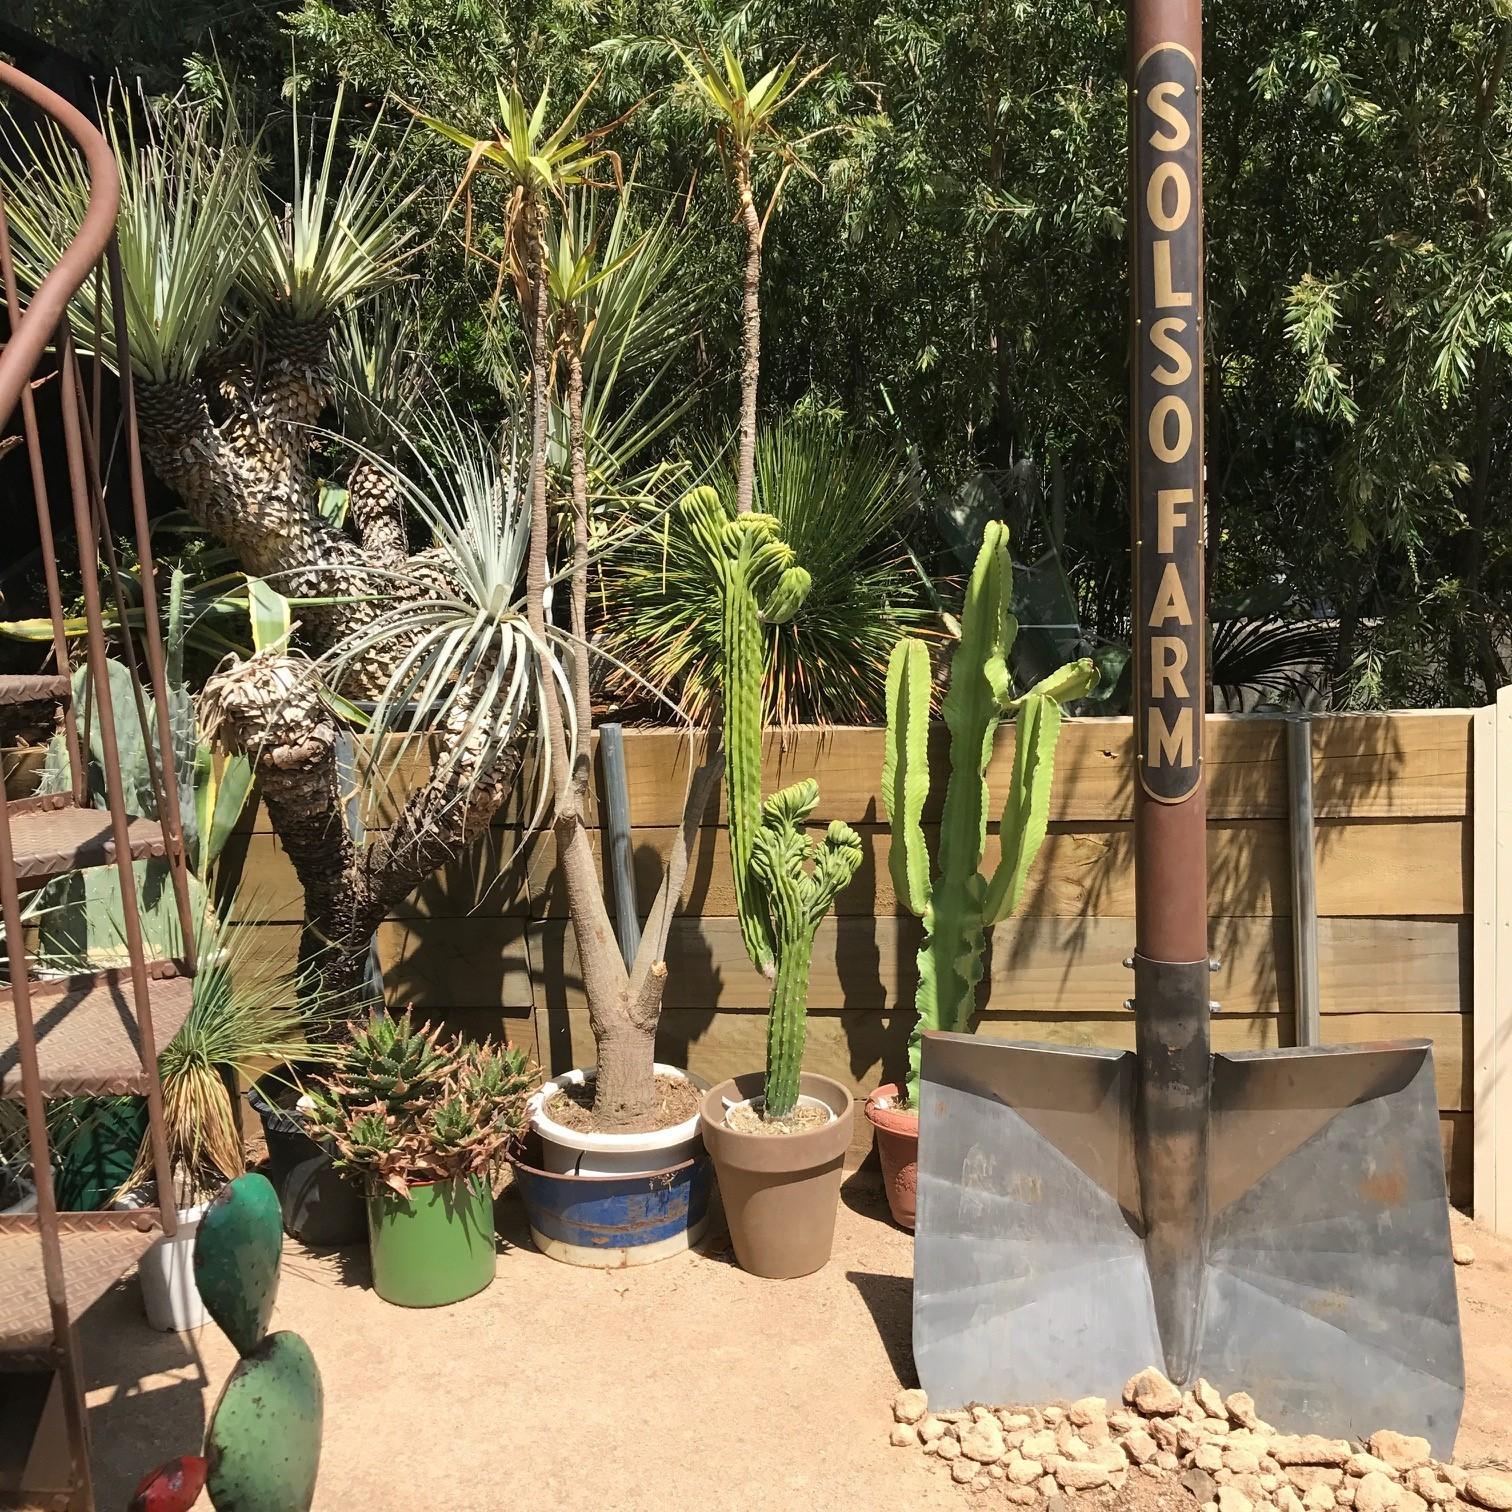 植物のテーマパーク「SOLSO FARM(ソルソファーム)」で過ごす週末_1_3-2